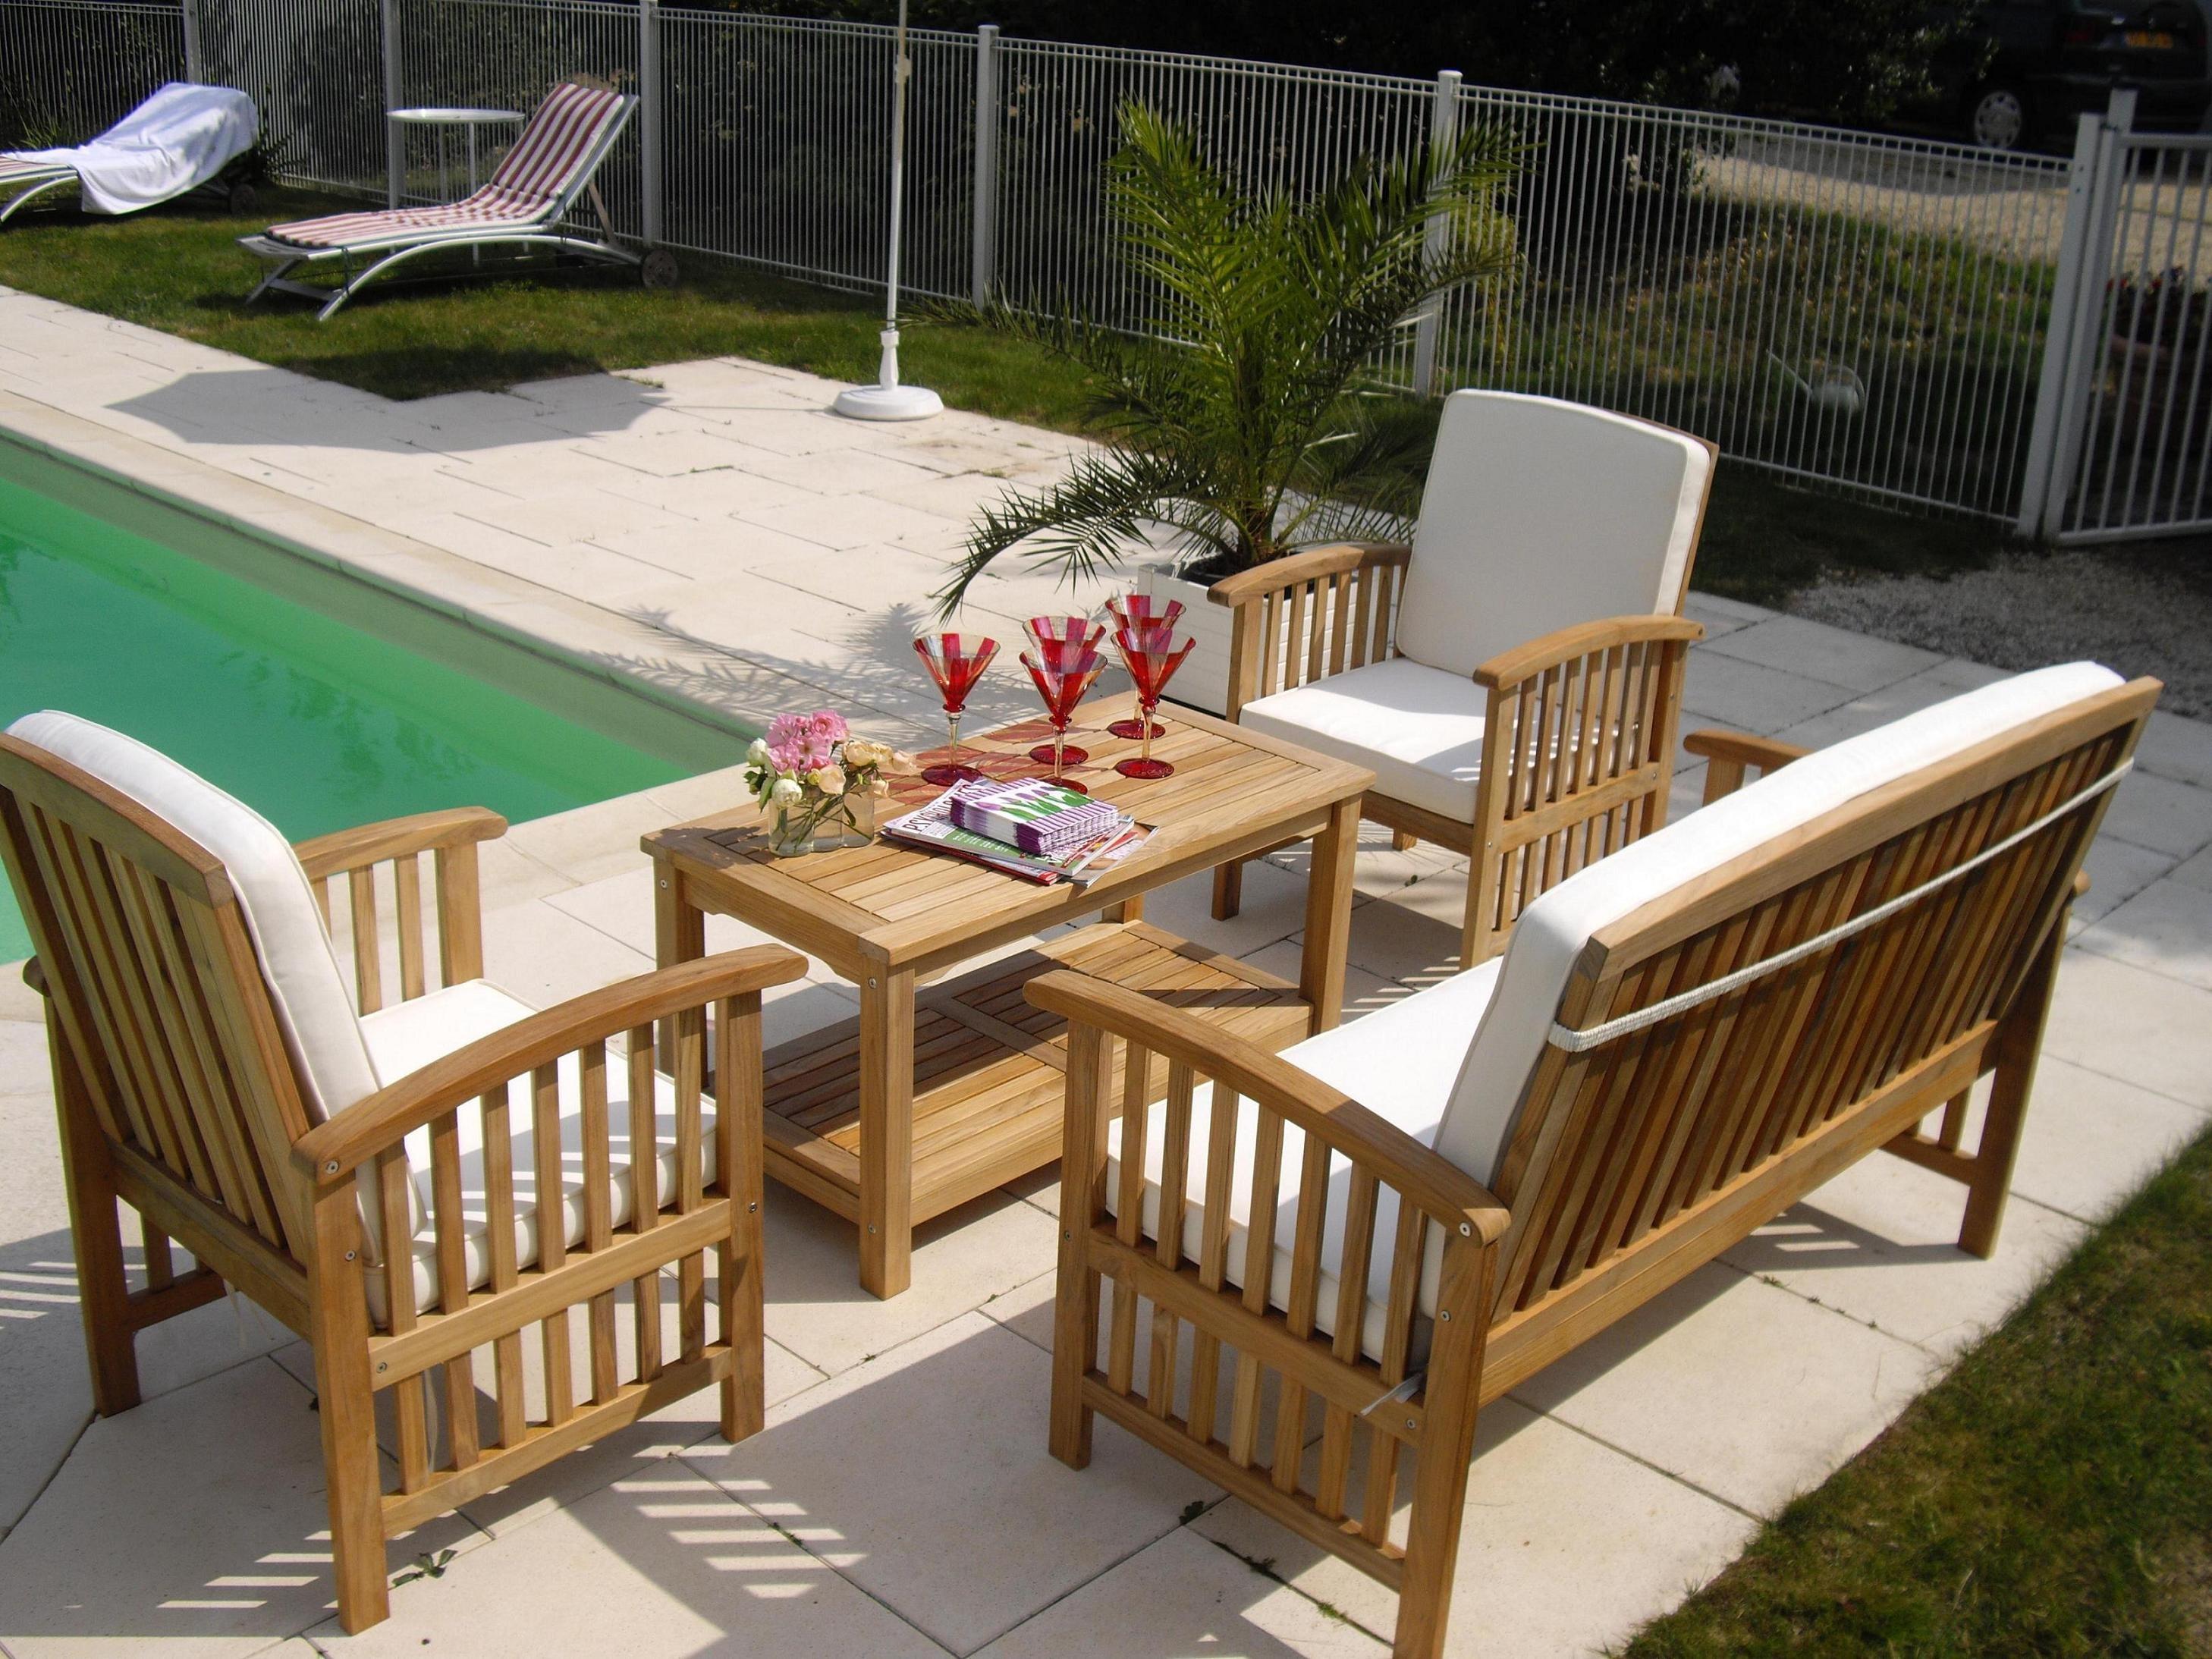 Salon de jardin en bois soldes - Mailleraye.fr jardin